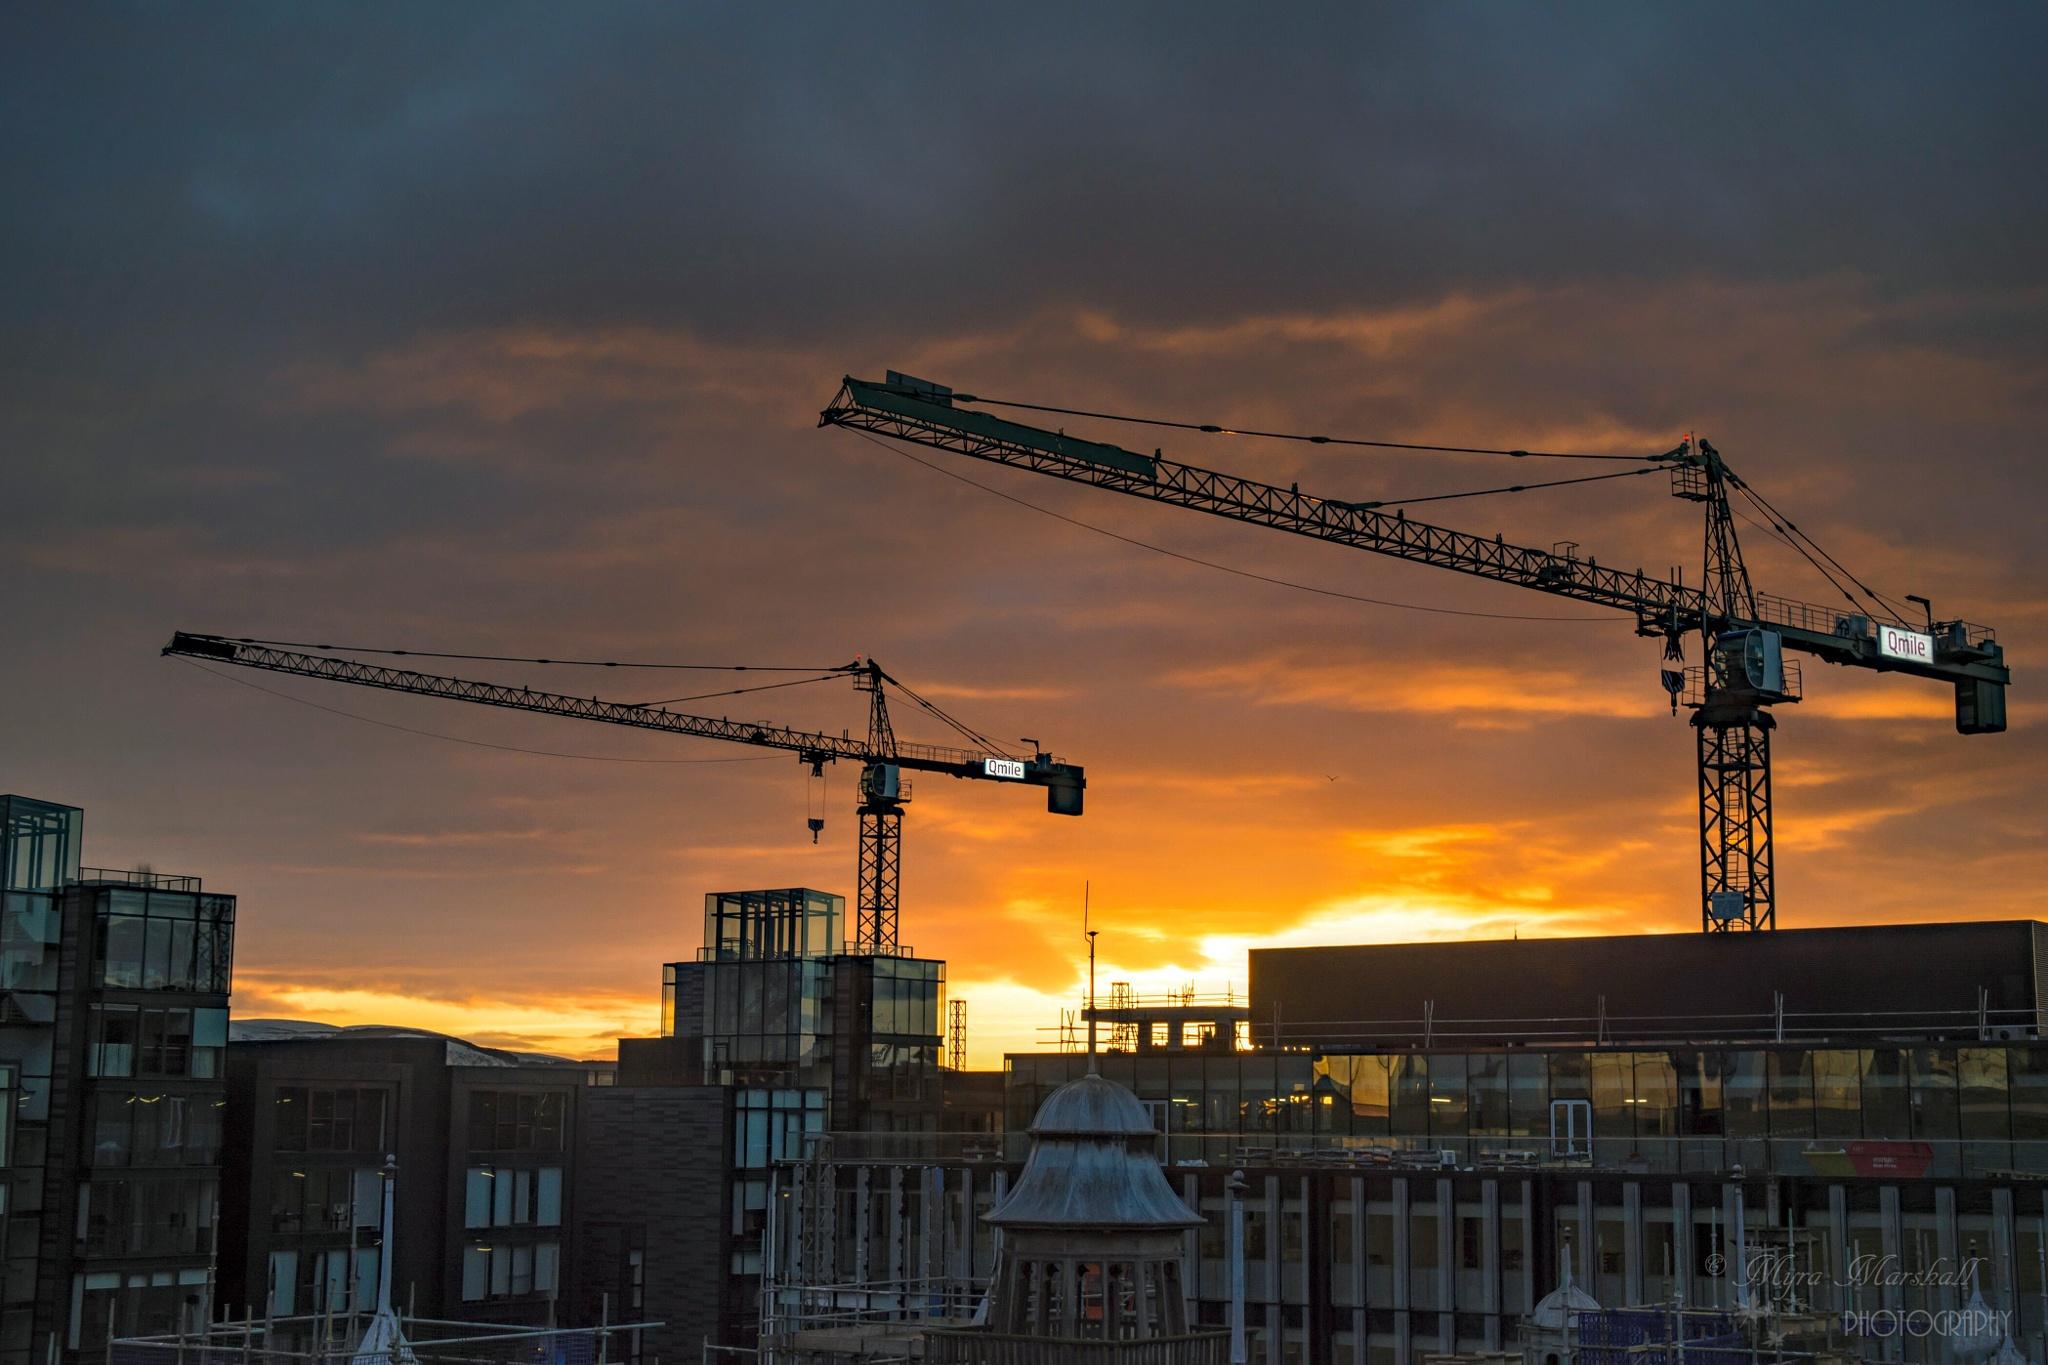 Cranes at sunset by myra.watson3